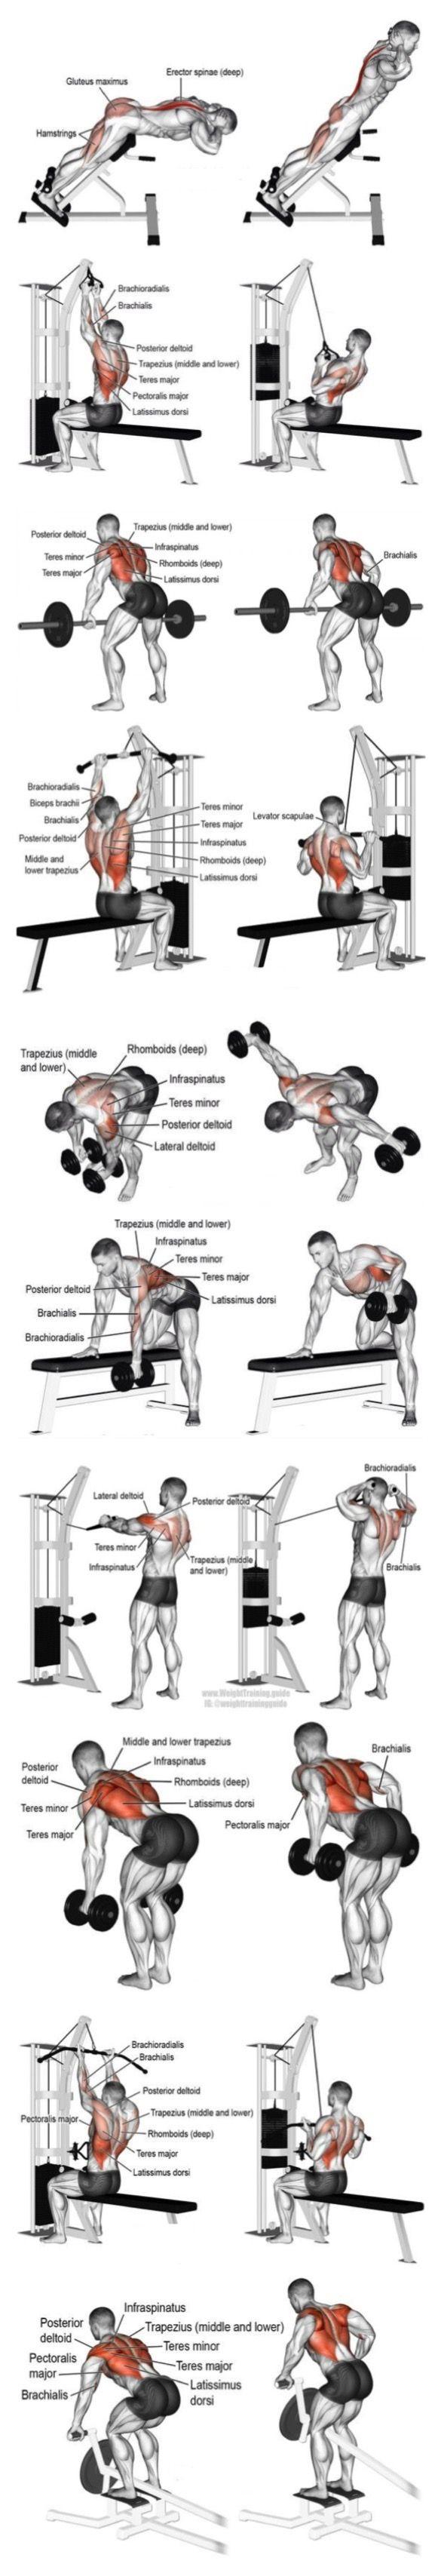 Anatomía de músculos ejercitados | deporte | Pinterest | Músculos ...